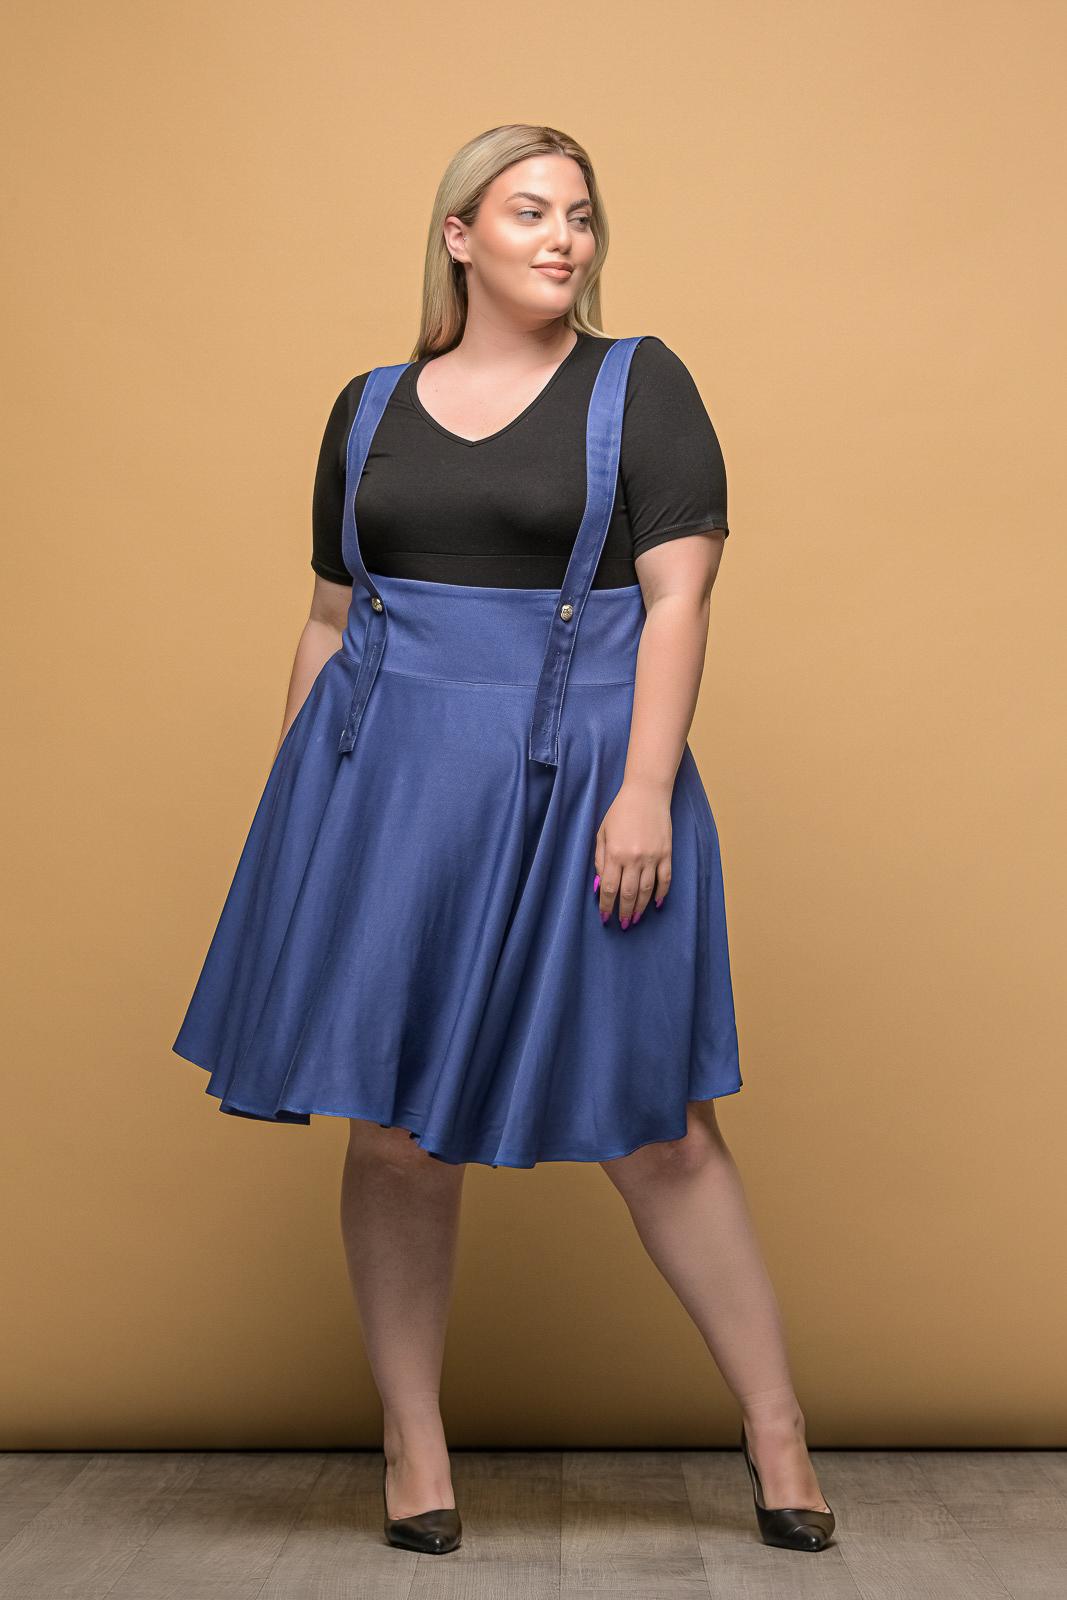 Φούστα μεγάλα μεγέθη ραφ με μπάσκα,τιράντες και φερμουάρ.Στο eshop μας θα βρείτε οικονομικά γυναίκεια ρούχα σε μεγάλα μεγέθη και υπερμεγέθη.